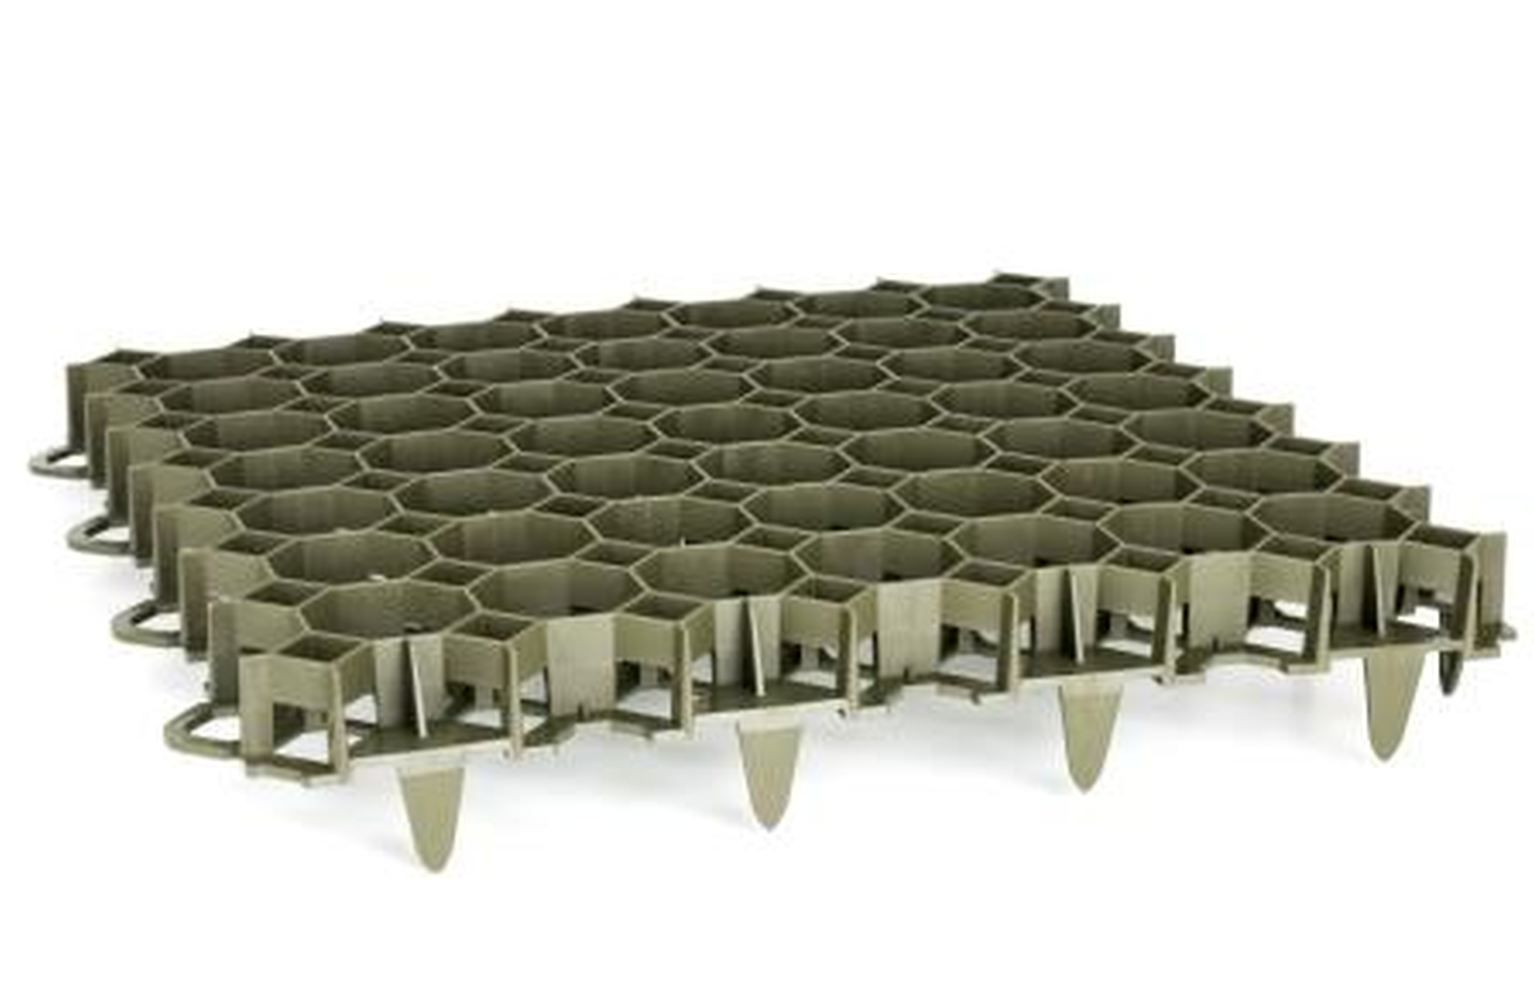 Rasengitter, Maße: 50 x 50 cm